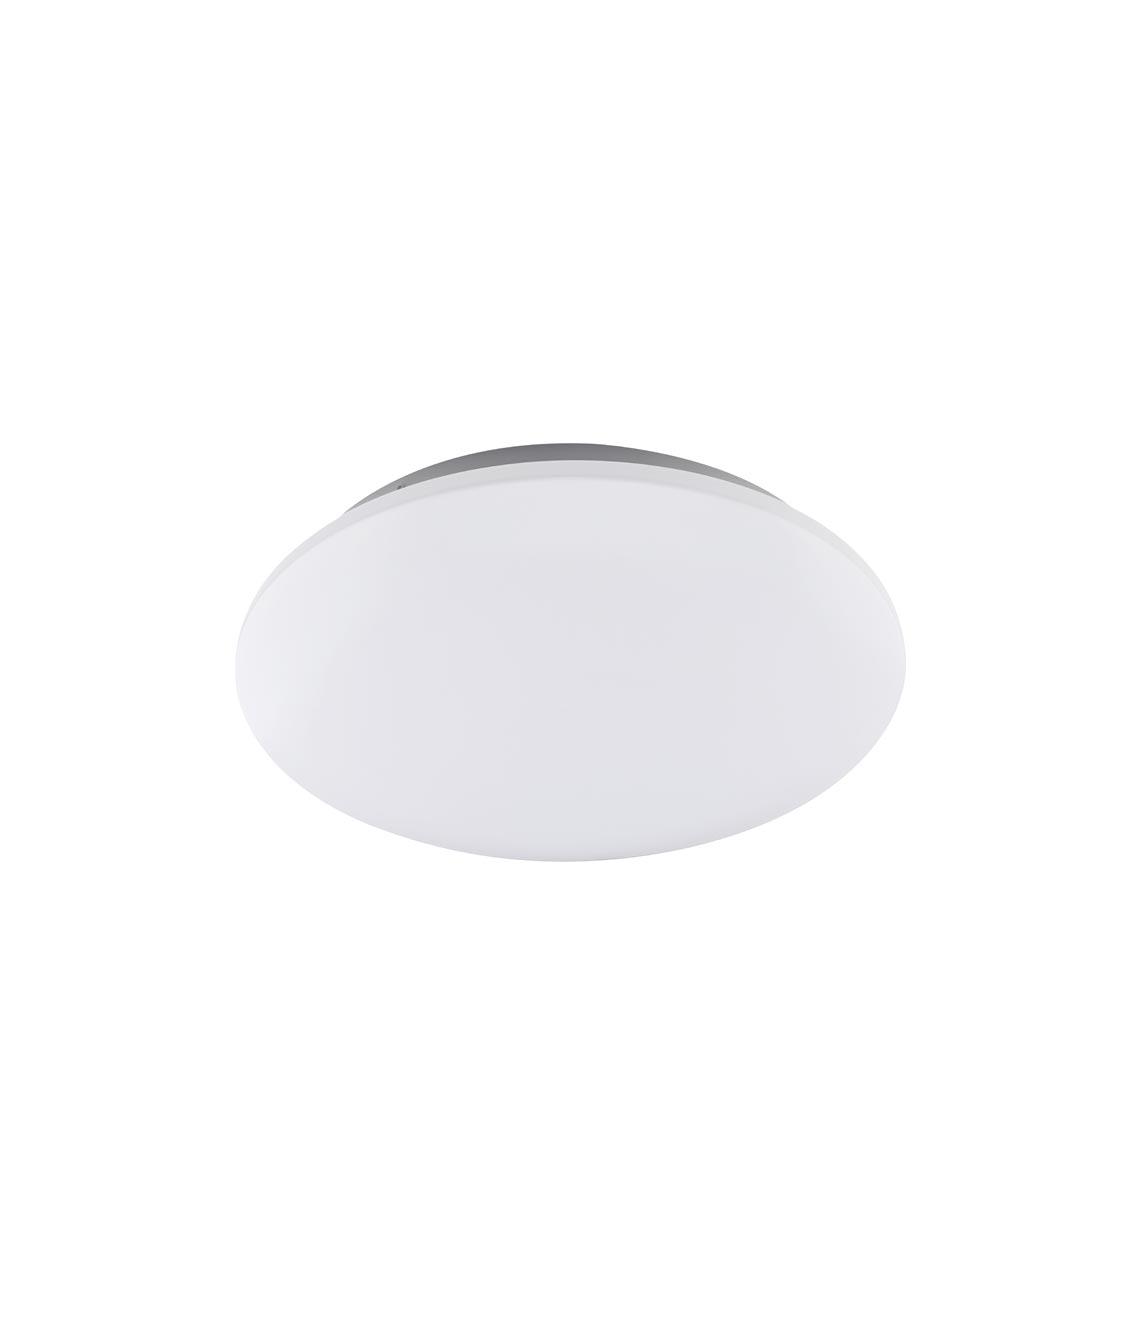 Plafón pequeño luz fría LED ZERO II